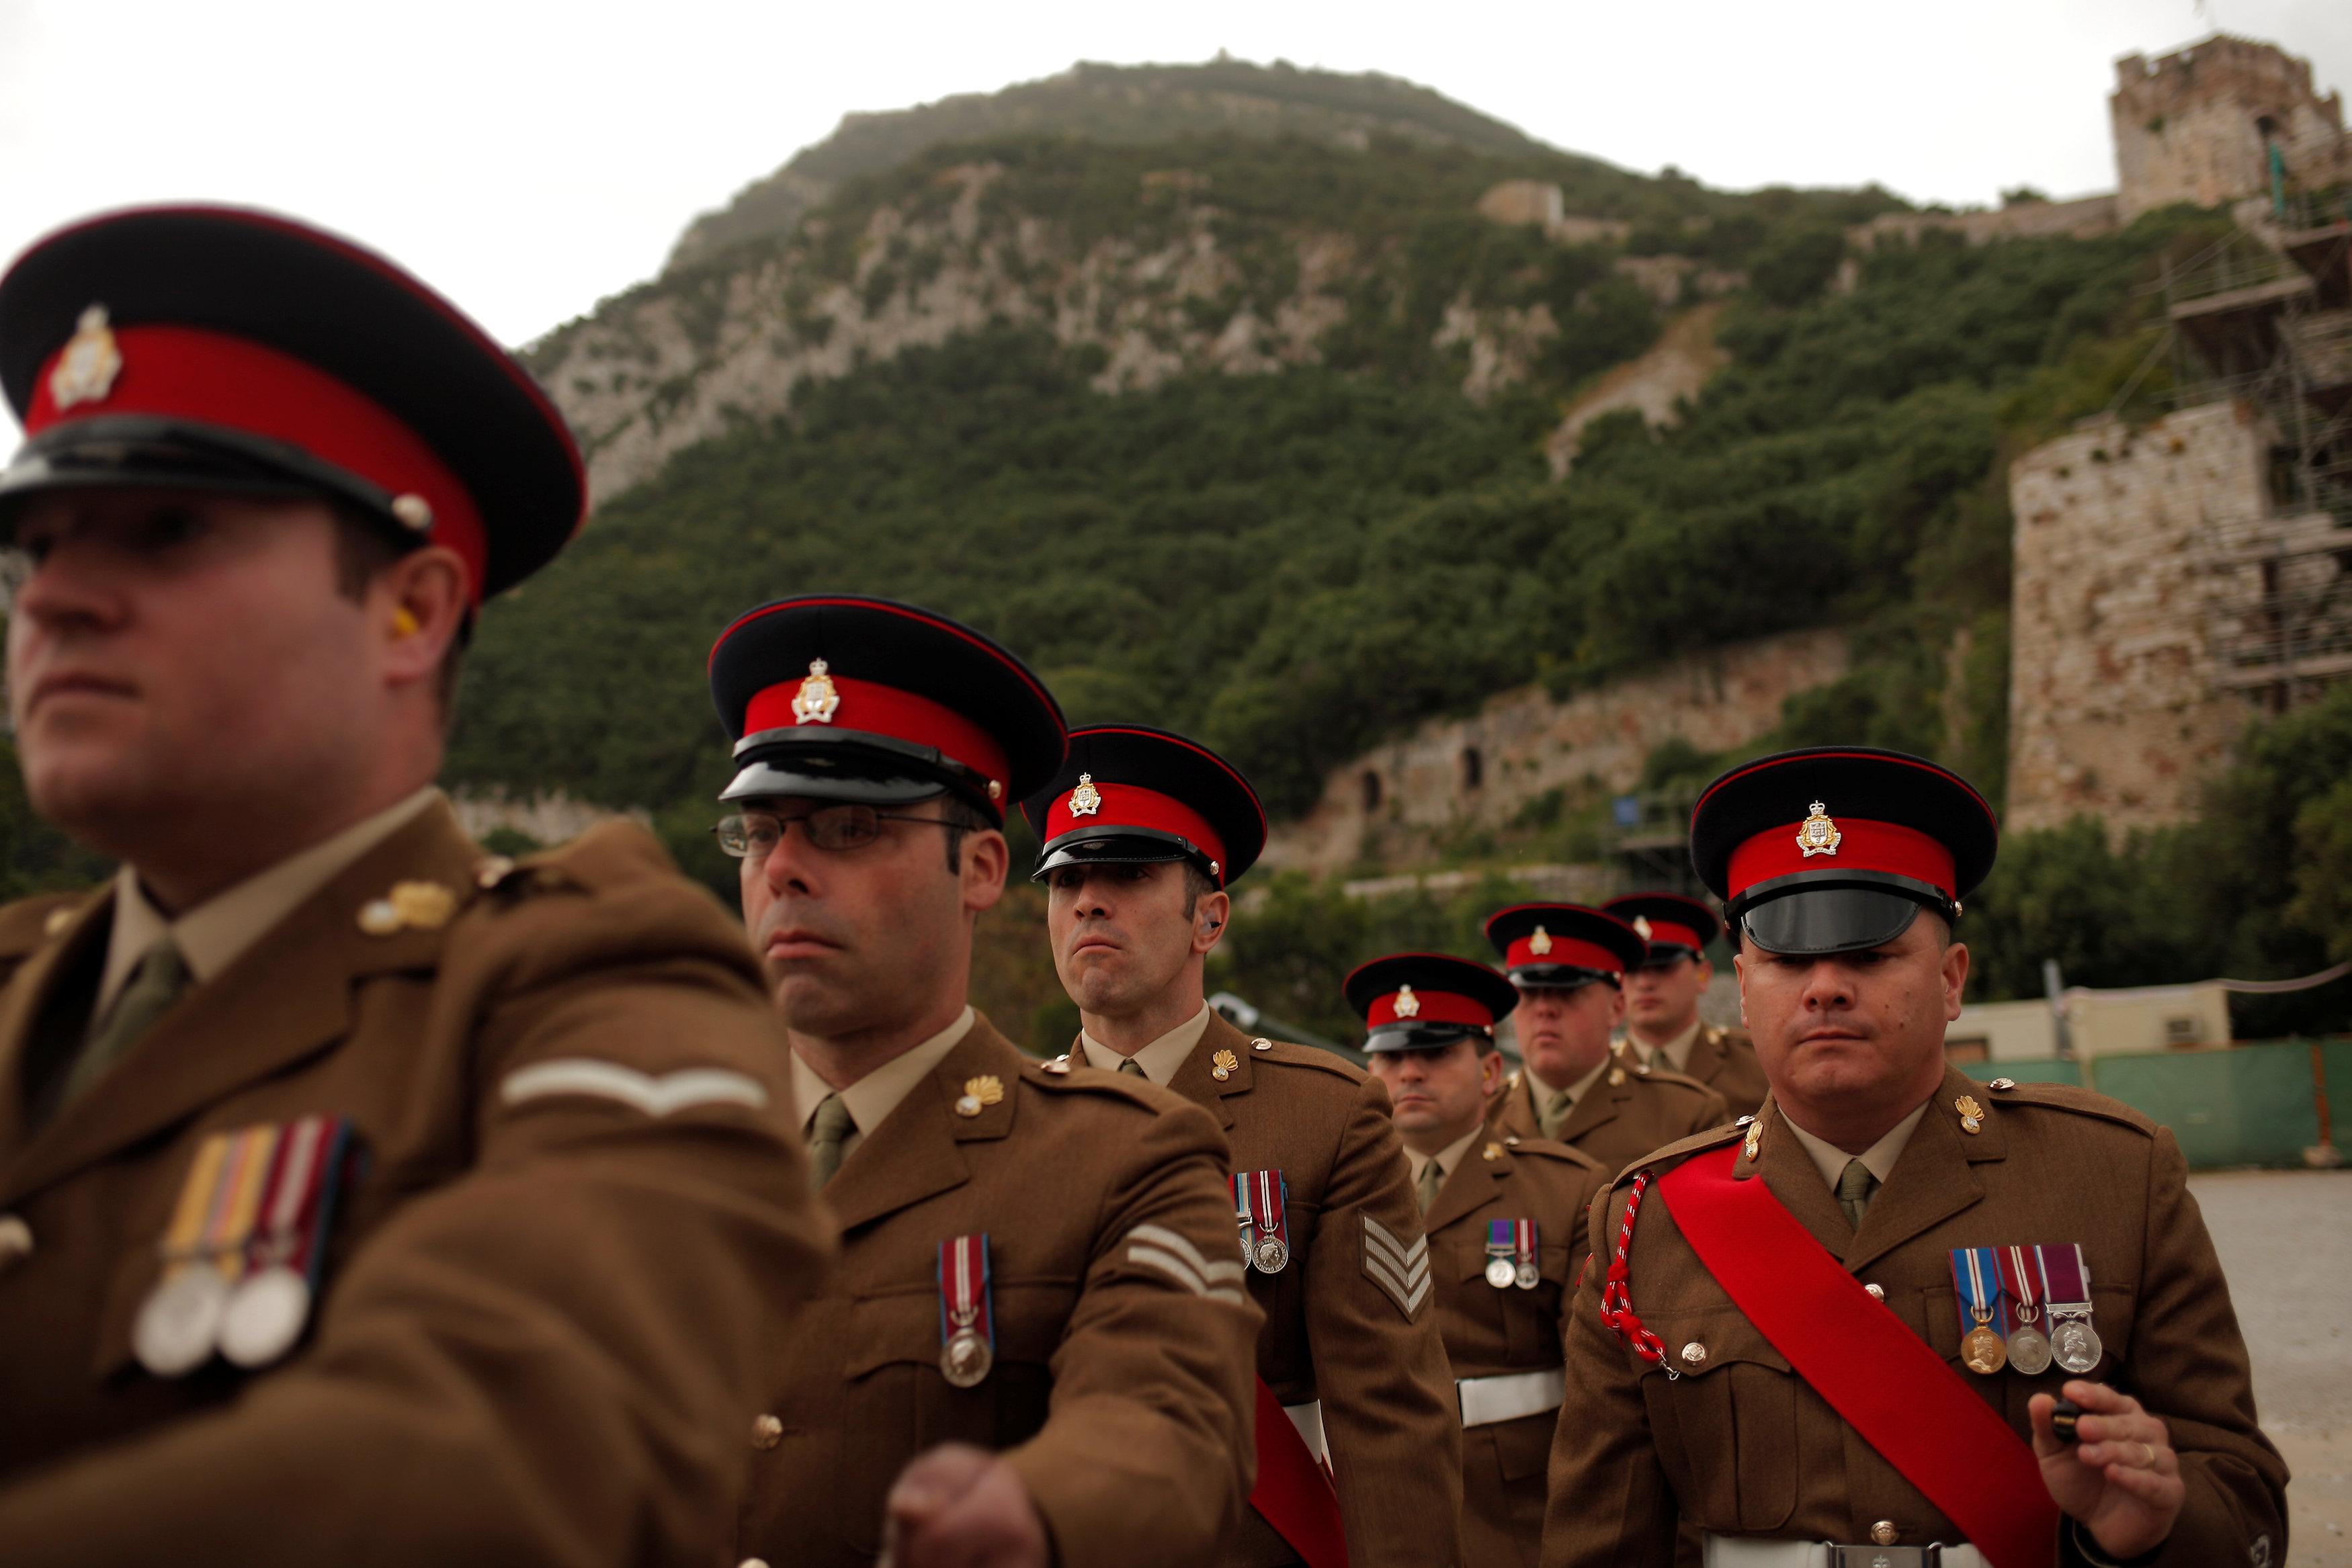 احتفالات عسكرية